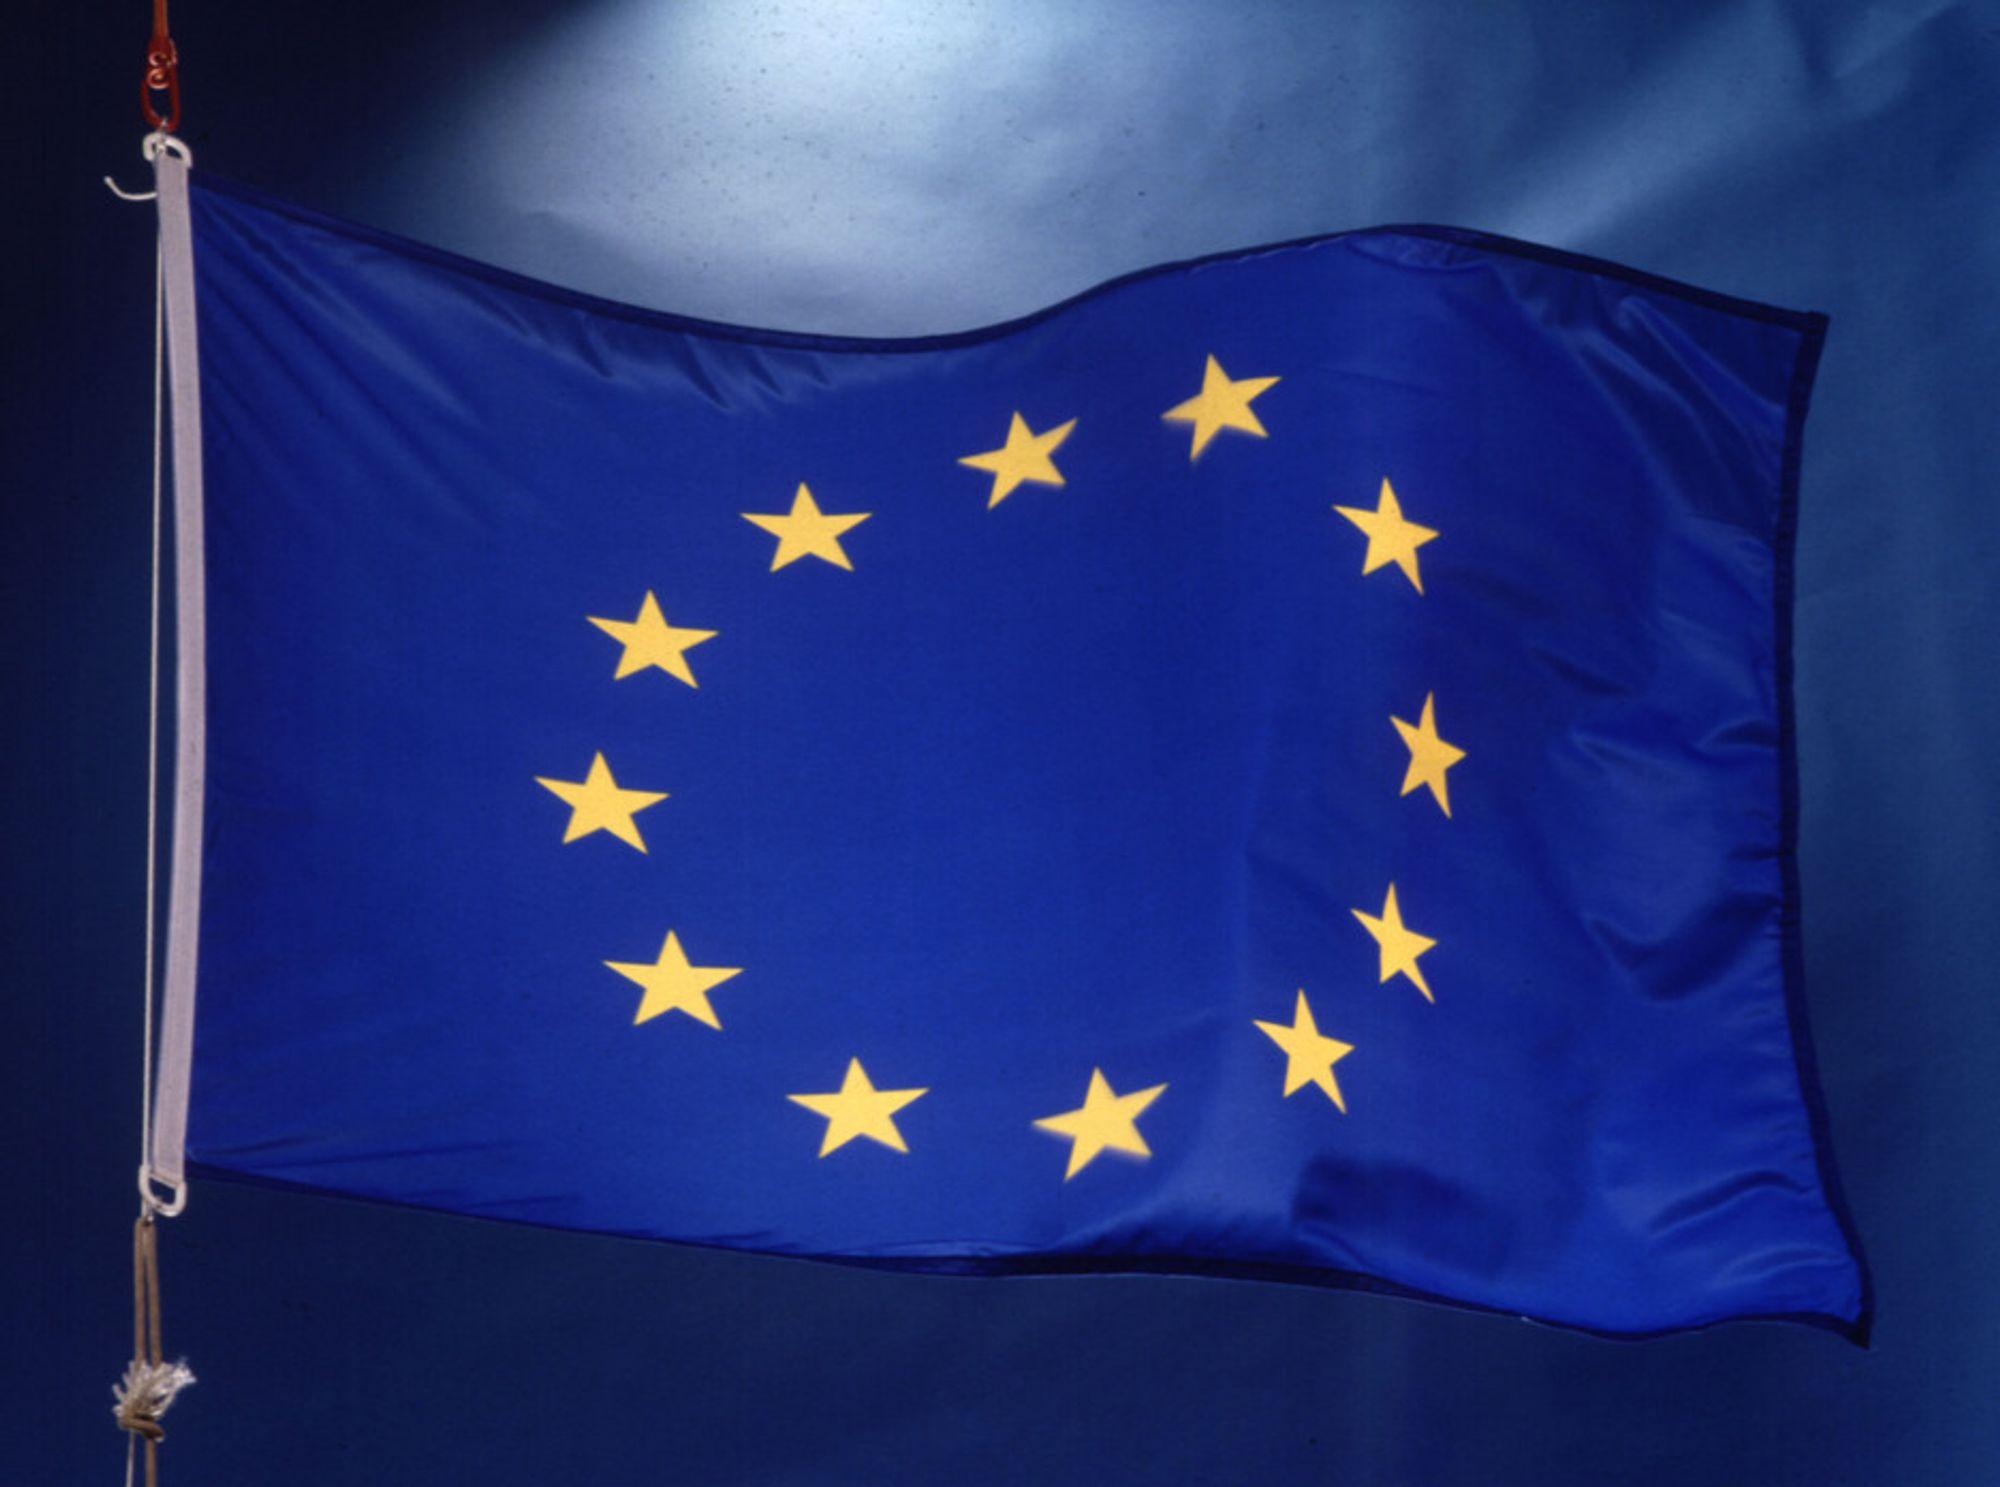 TVINGENDE NØDVENDIG: Skal EU gjennvinne sin posisjon som en økonomisk smeltedigel må industrien ekpandere og være mer innovativ.